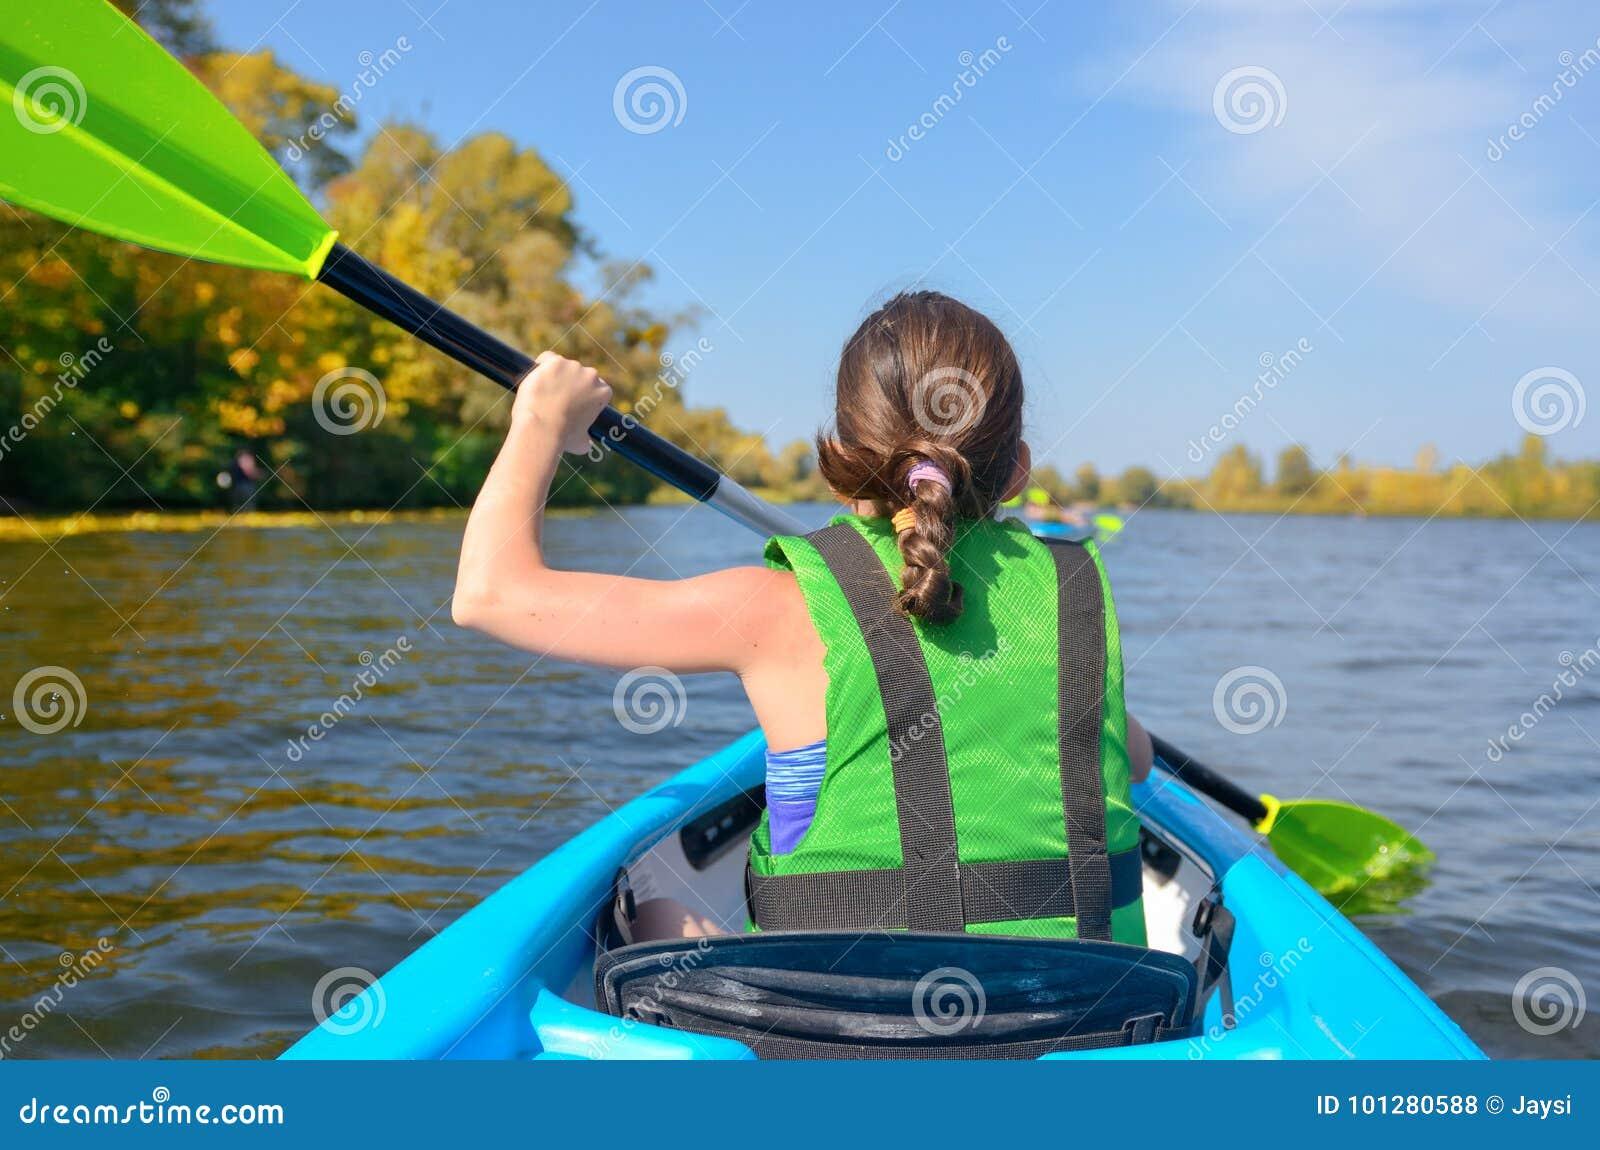 Familie kayaking, kind in kajak op de reis van de rivierkano paddelen, jong geitje op actief de herfstweekend en vakantie die